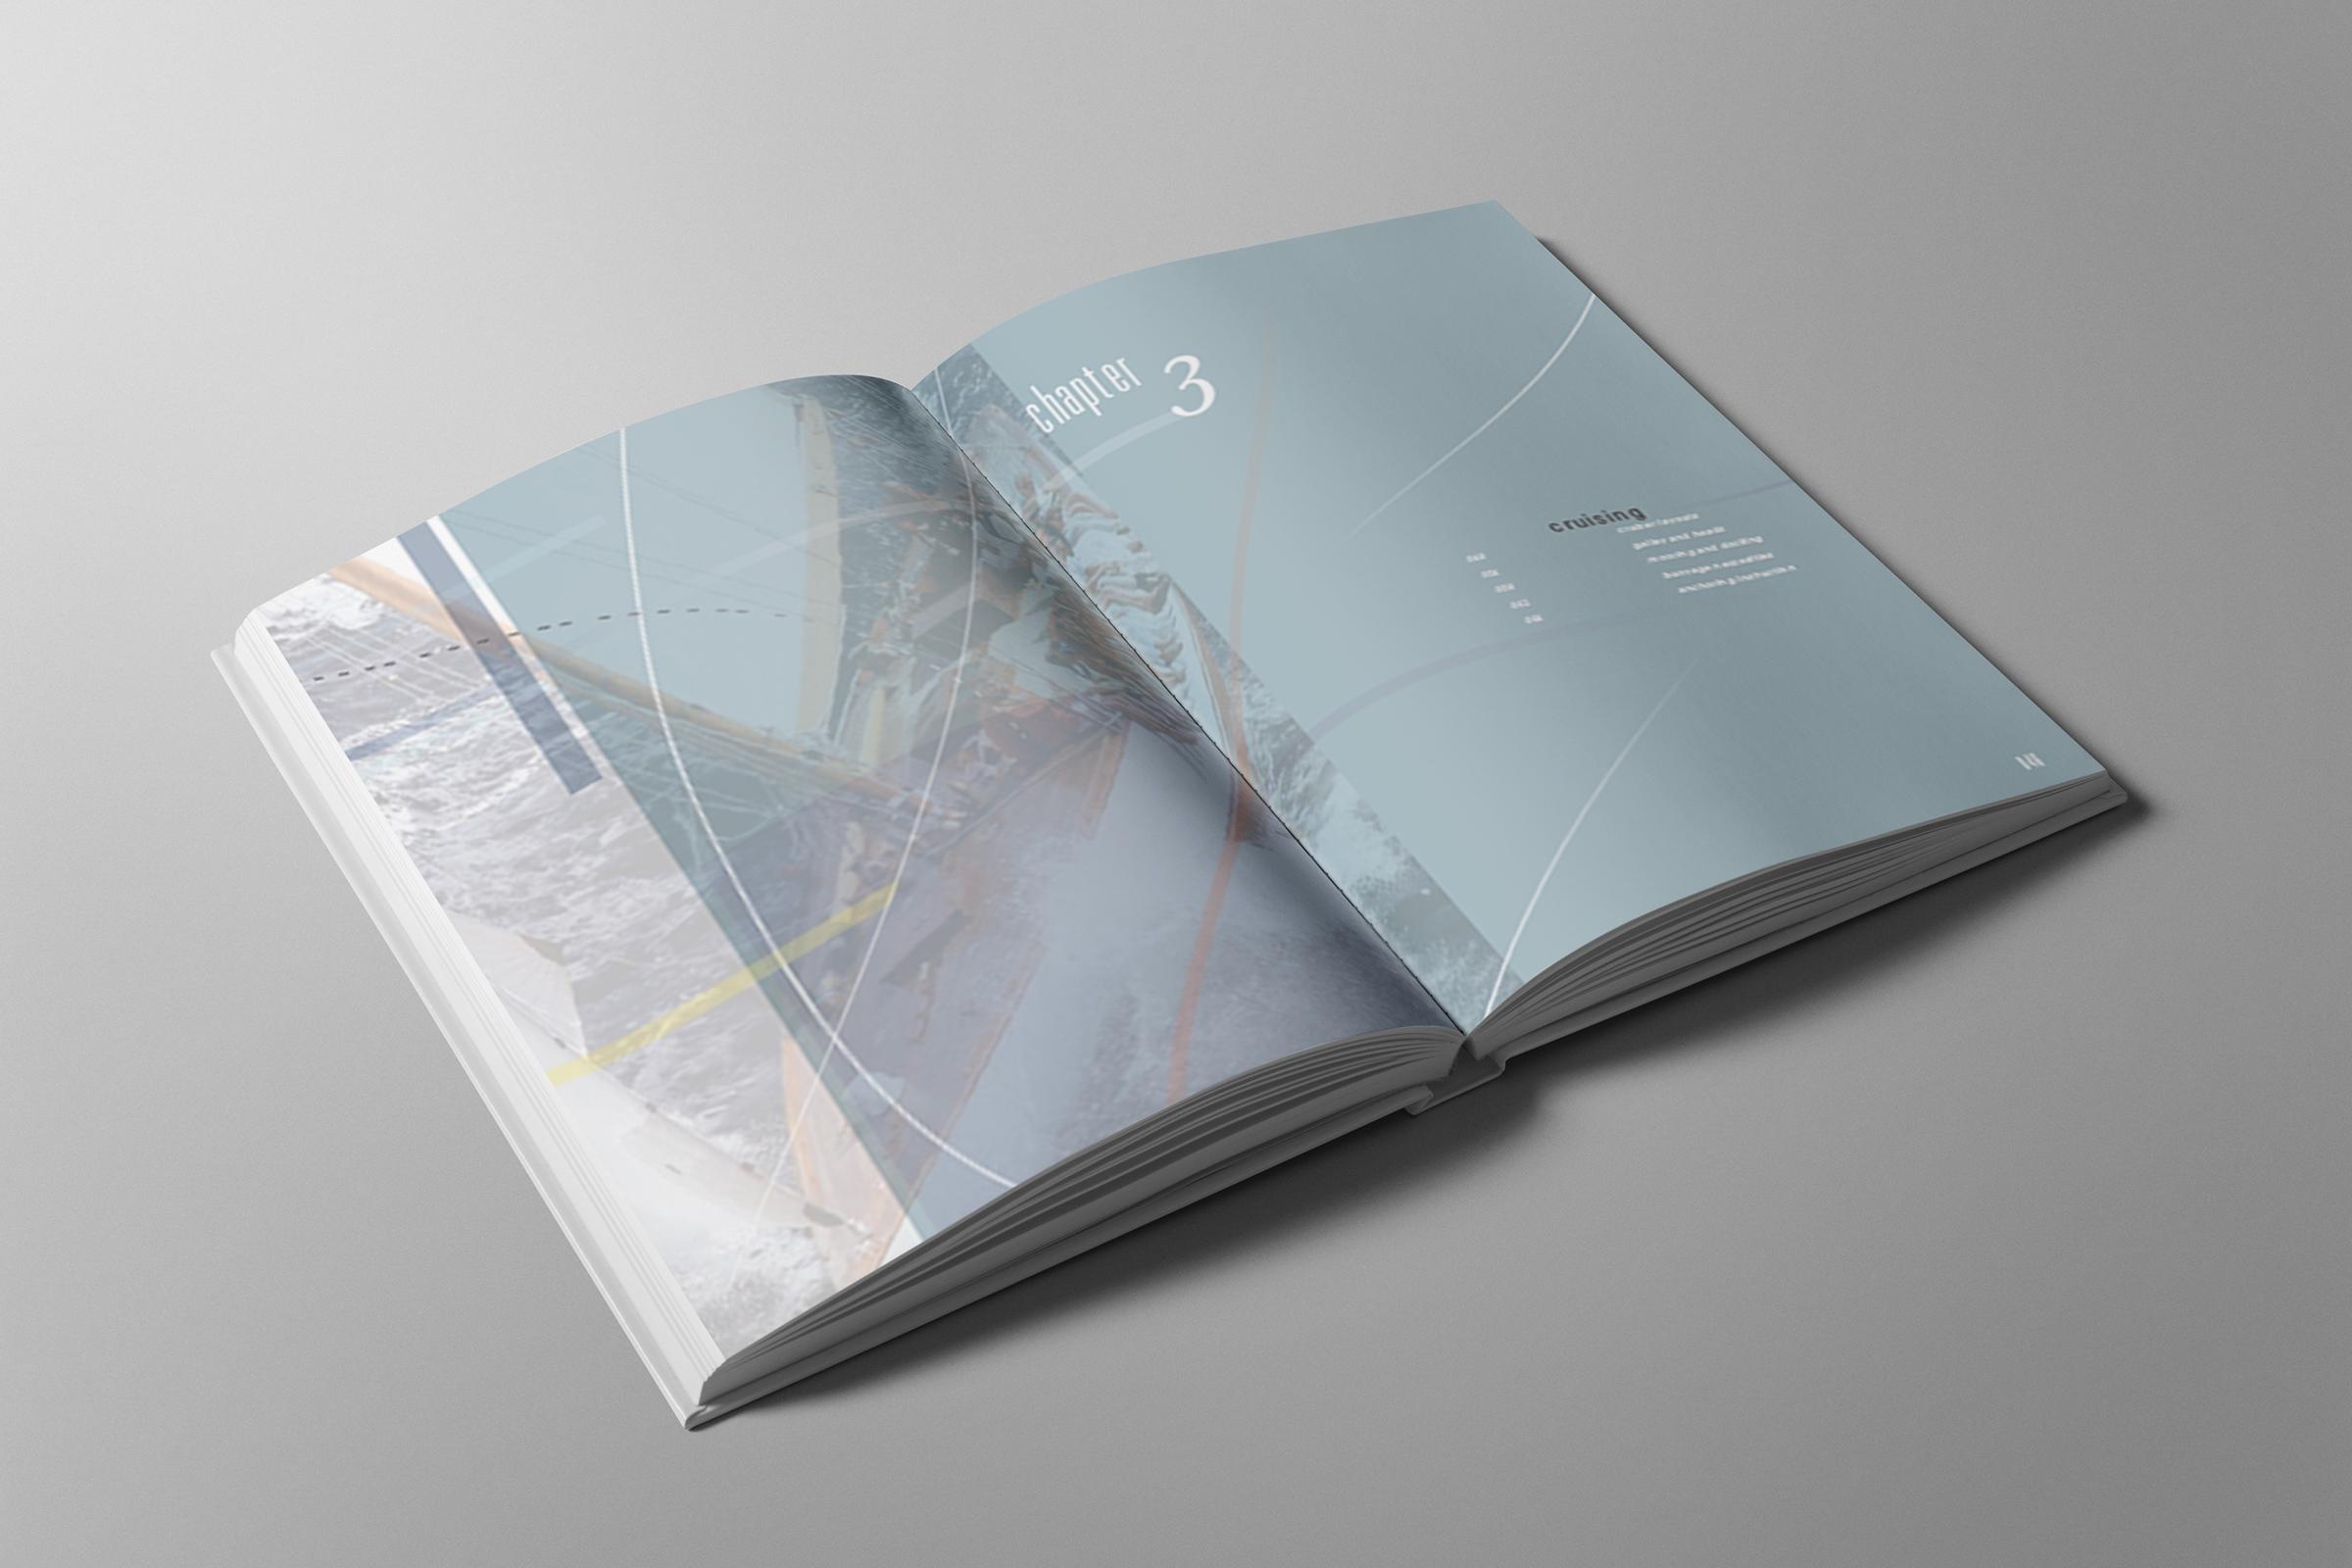 Redesign sailing manual (2007)